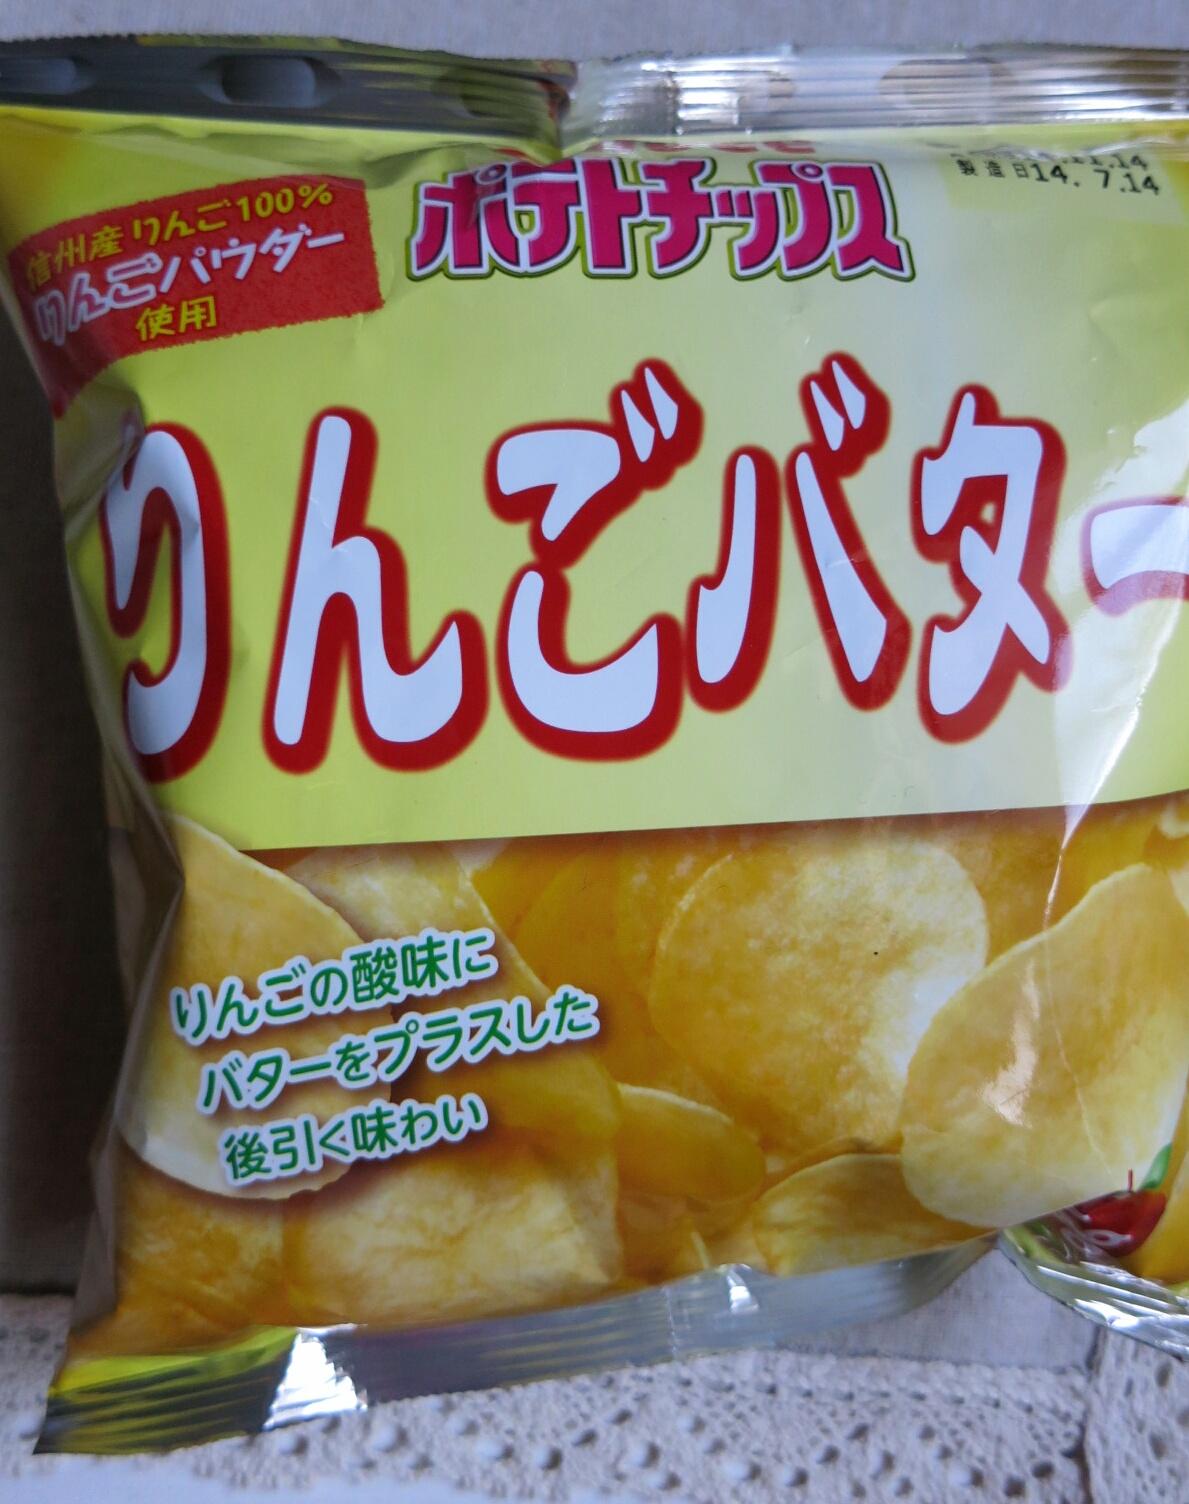 ツルヤ×カルビー☆りんごバターポテトチップス 食べてみました!_f0236260_572594.jpg